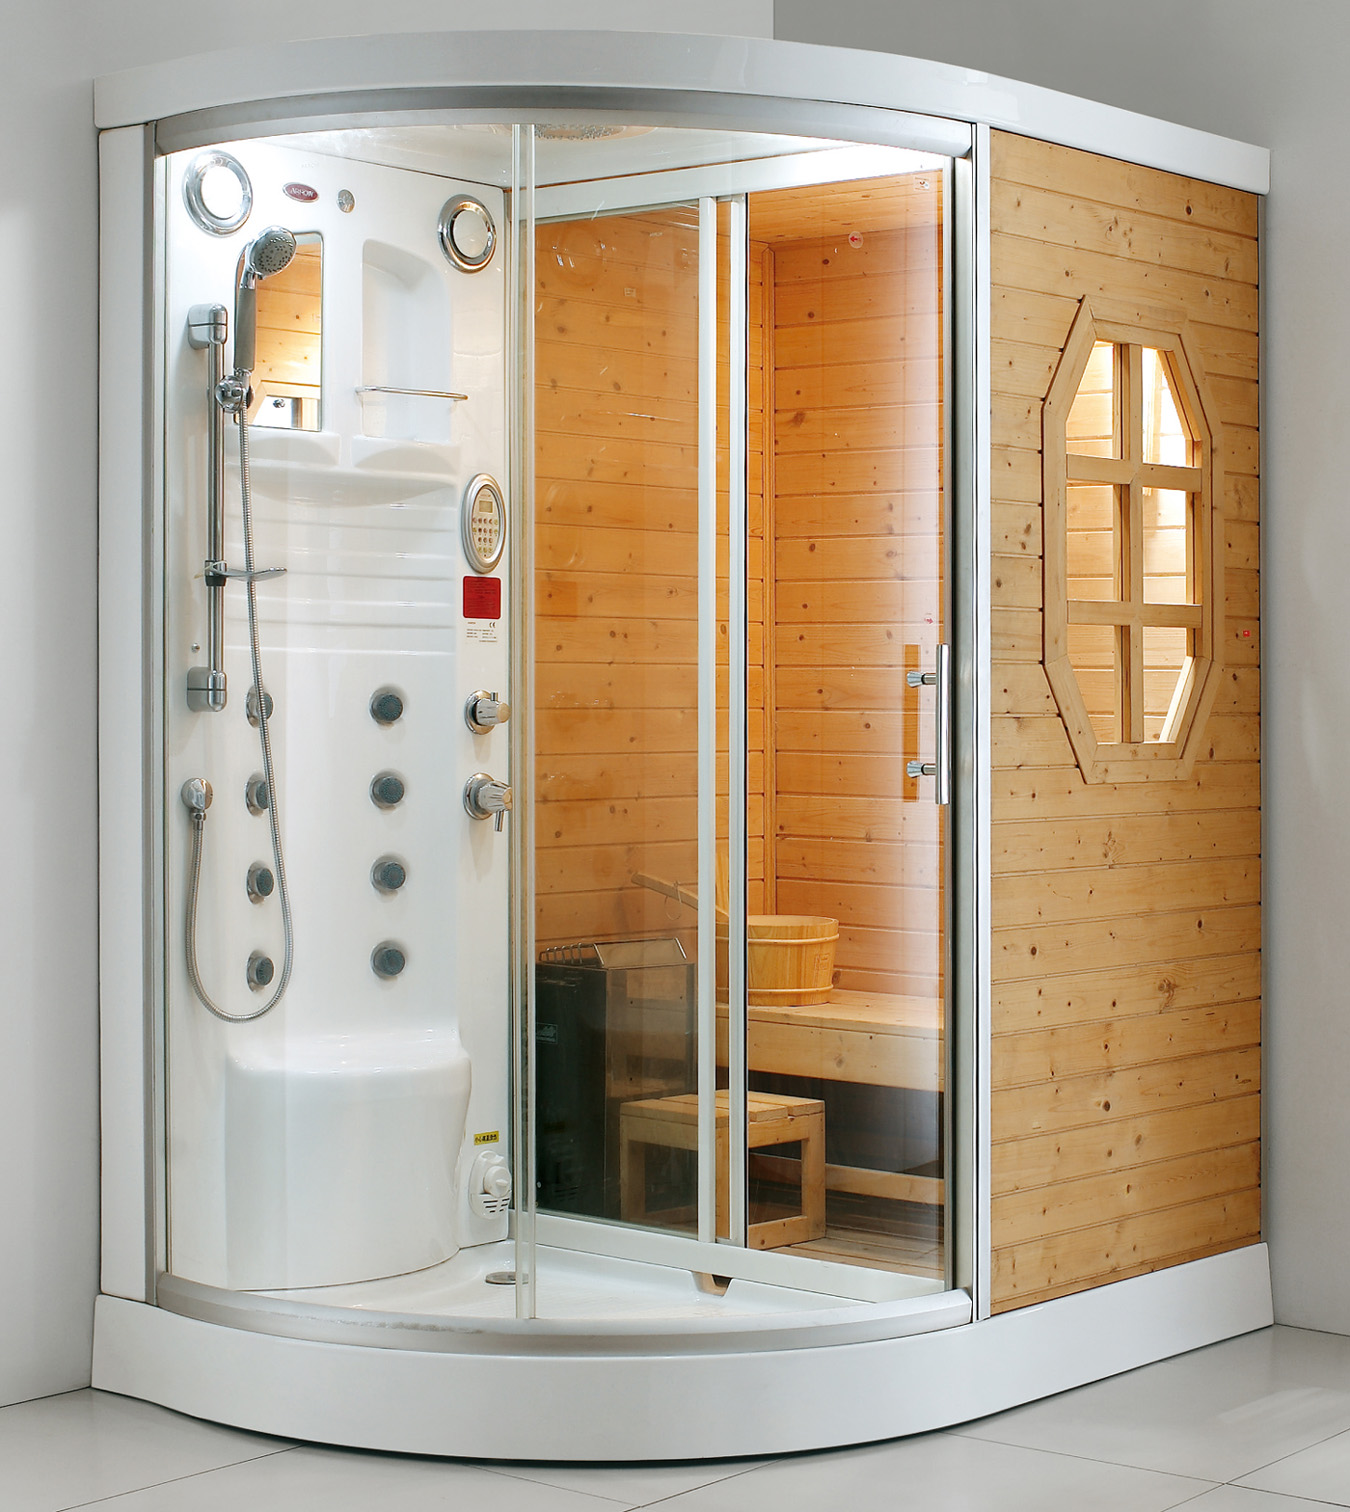 Сауна дома в ванной: устройство мини сауны в квартире (+ фото)